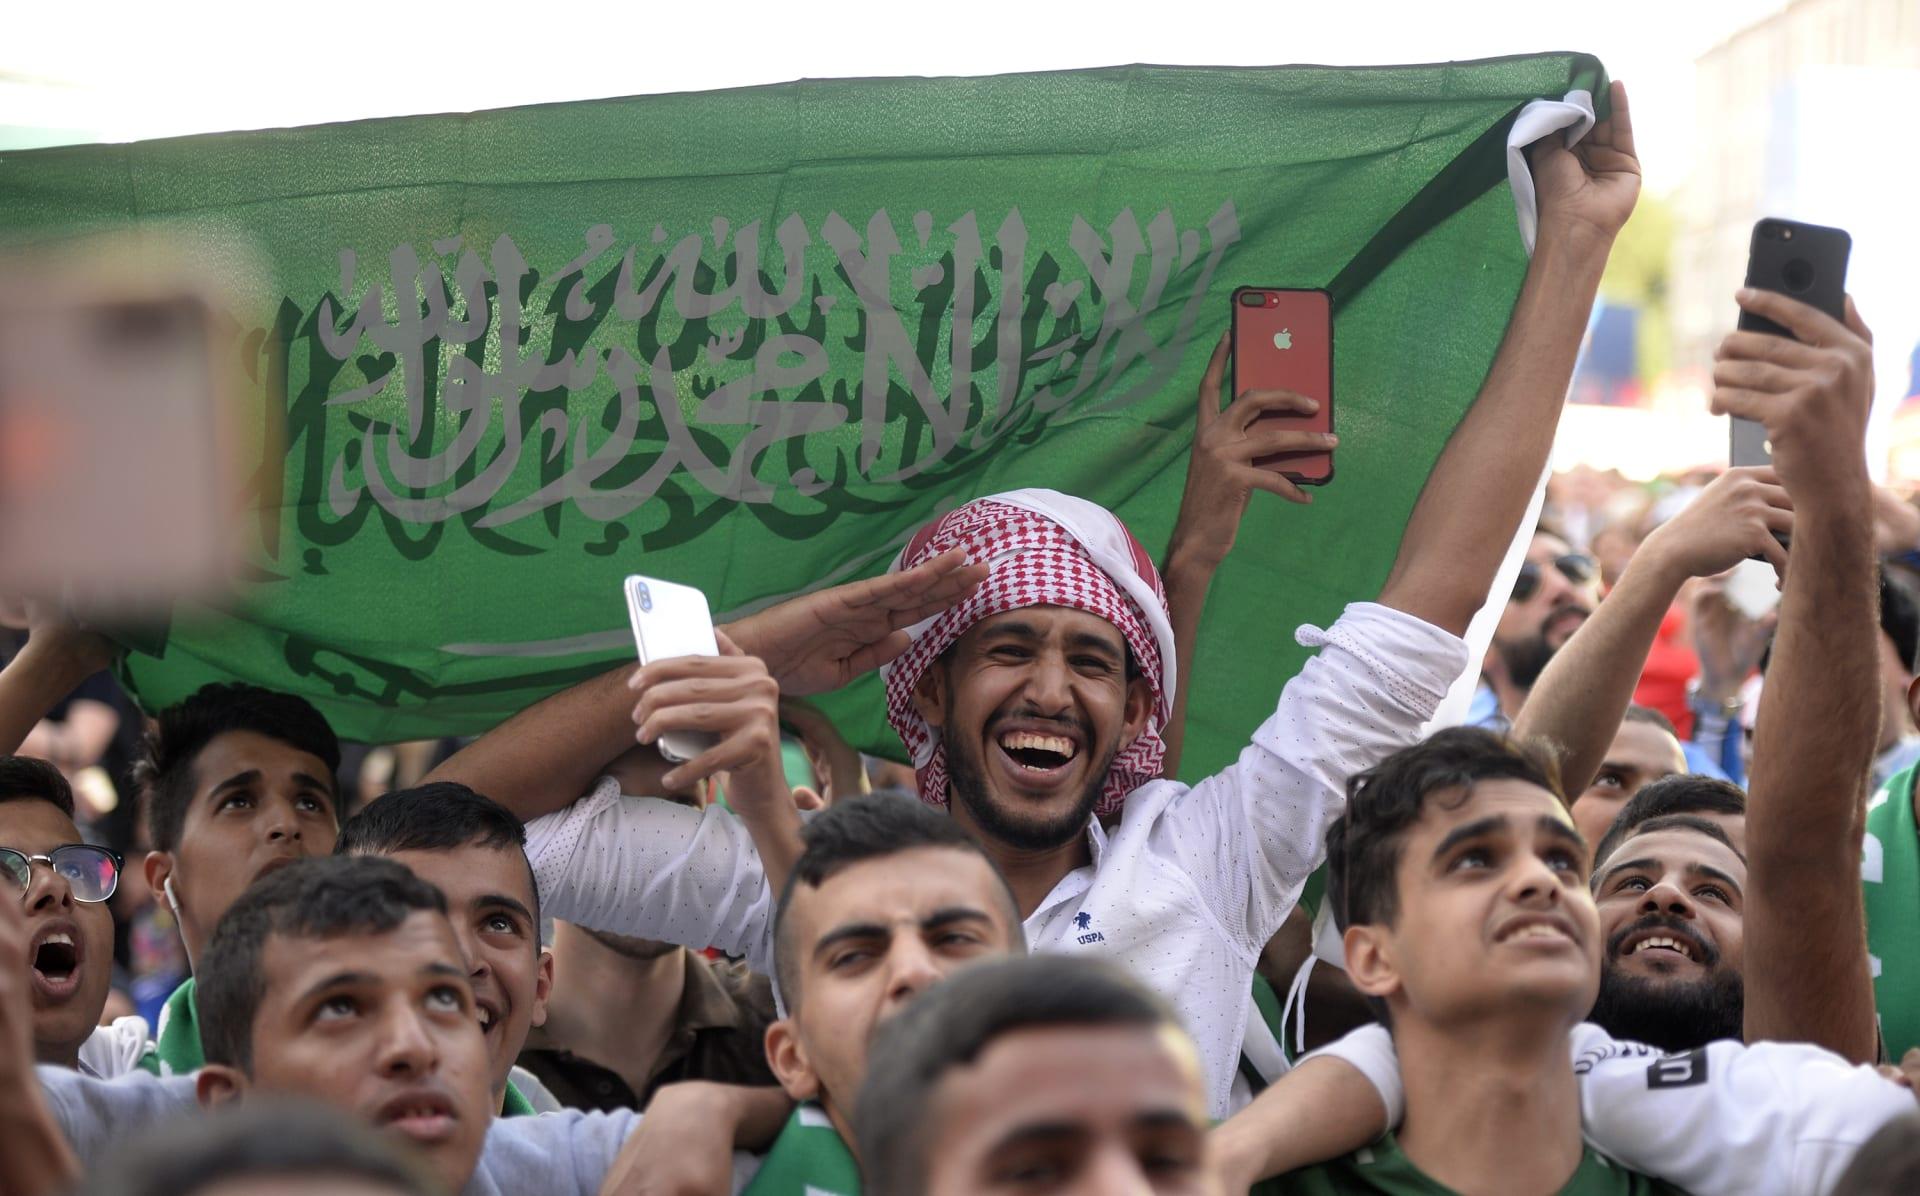 إيطالي الجنسية.. مساعد مدرب في ناد سعودي يُعلن إسلامه ويُغير اسمه إلى حسين